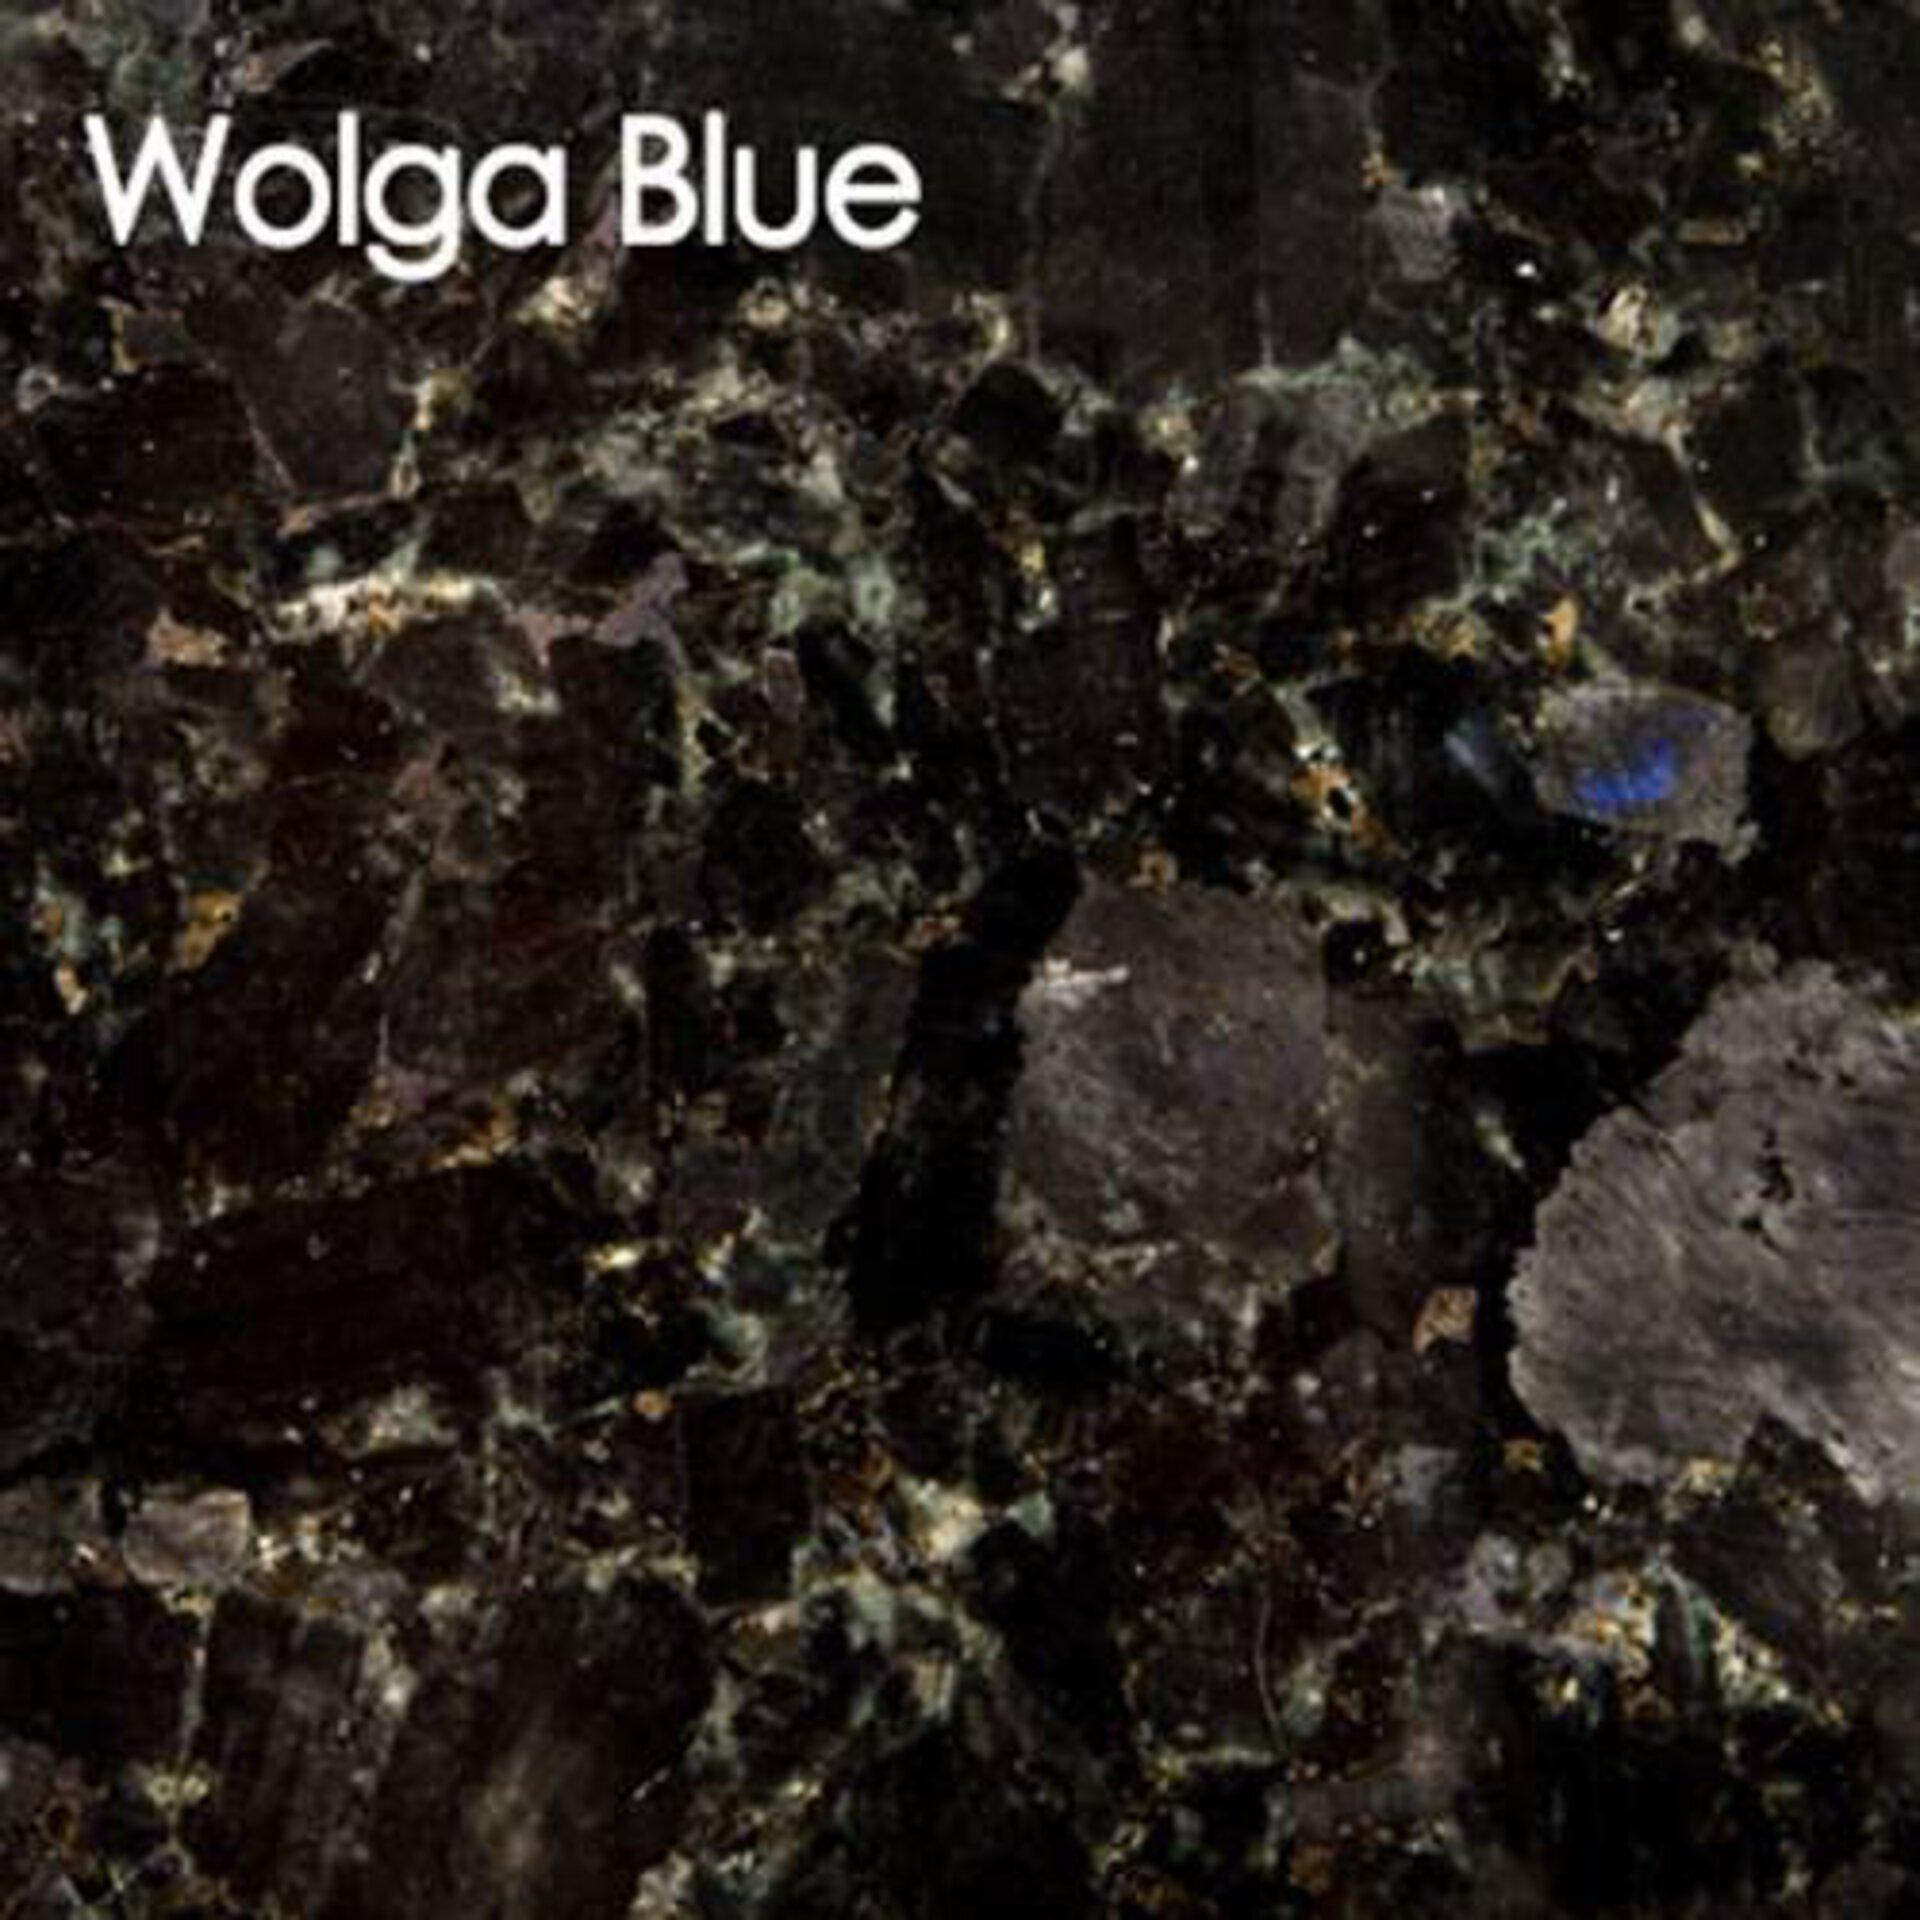 Arbeitsplatte aus Naturstein in der Ausführung Wolga Blue.